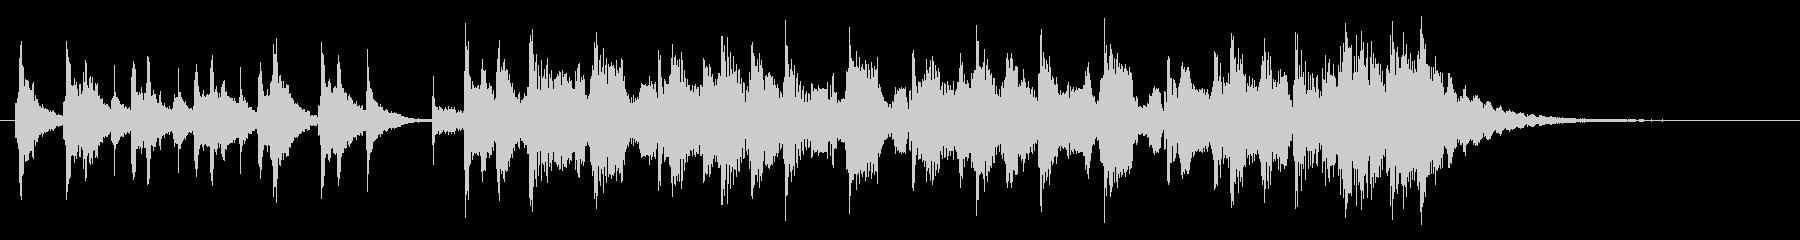 【15秒ver】ハーモニカの明るいオープの未再生の波形